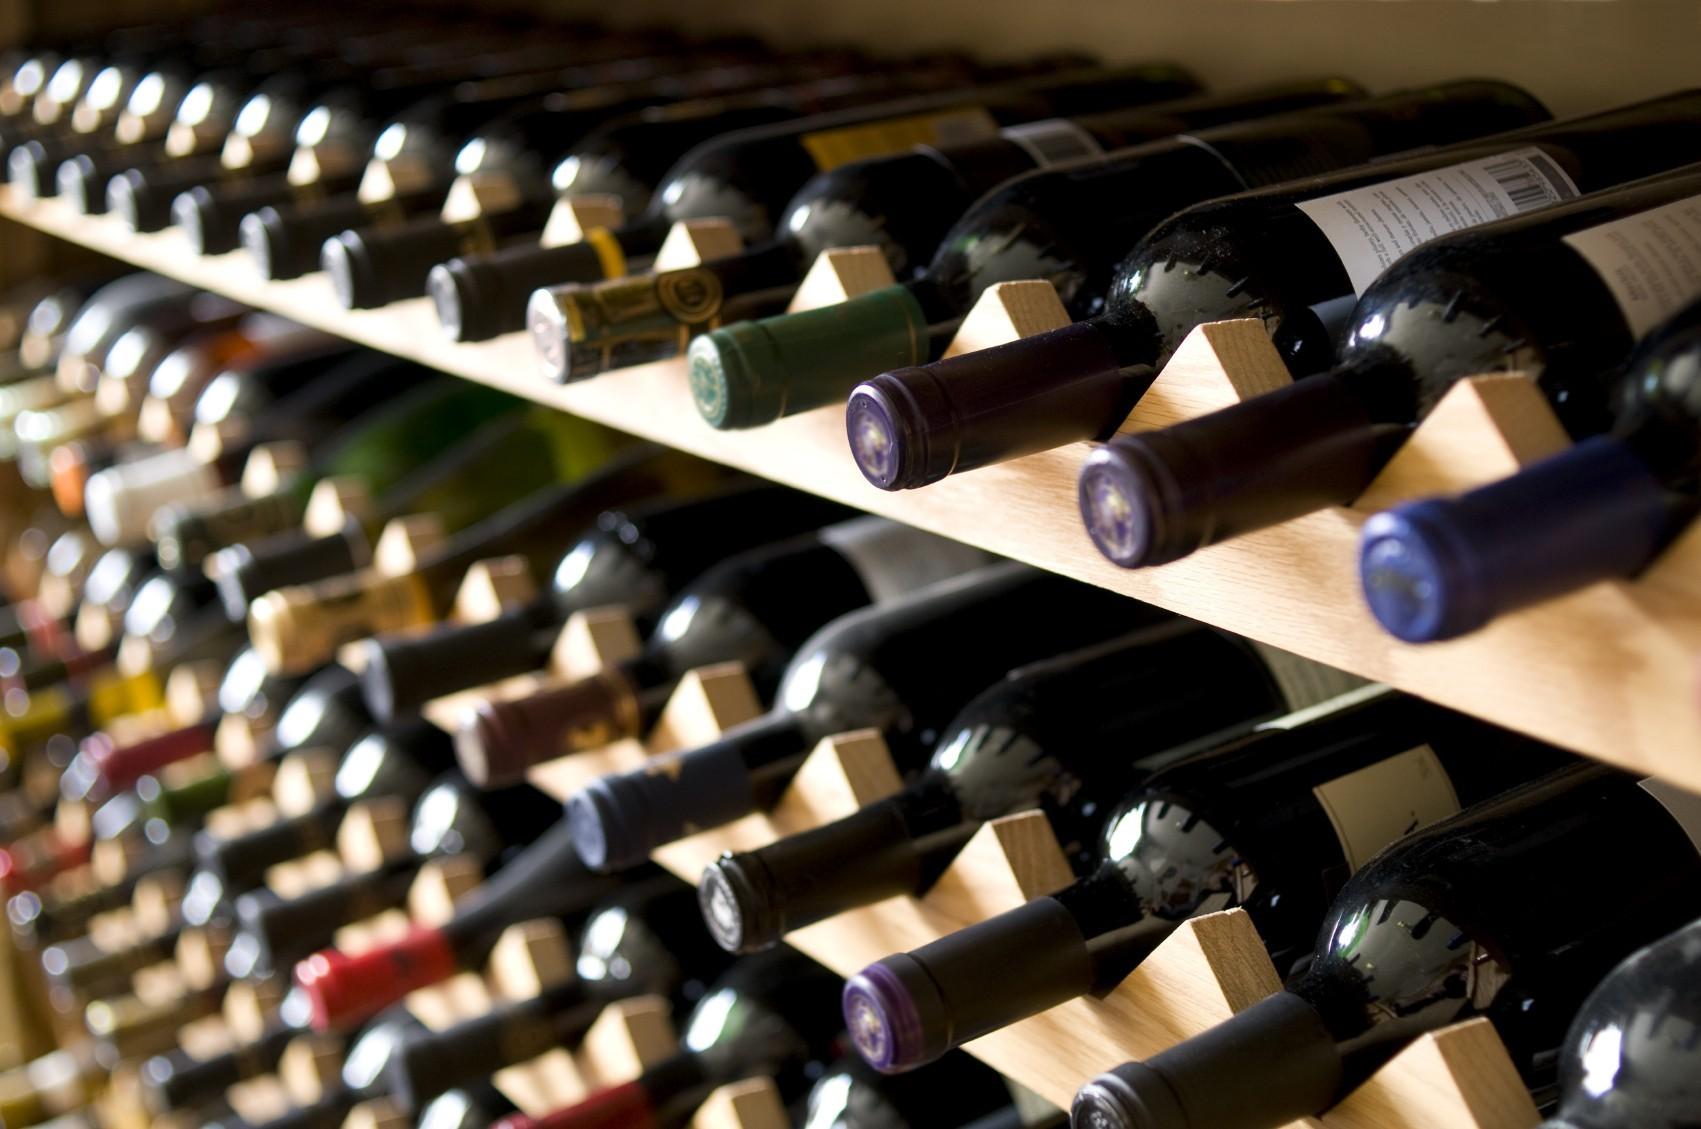 Guter Wein im Regal